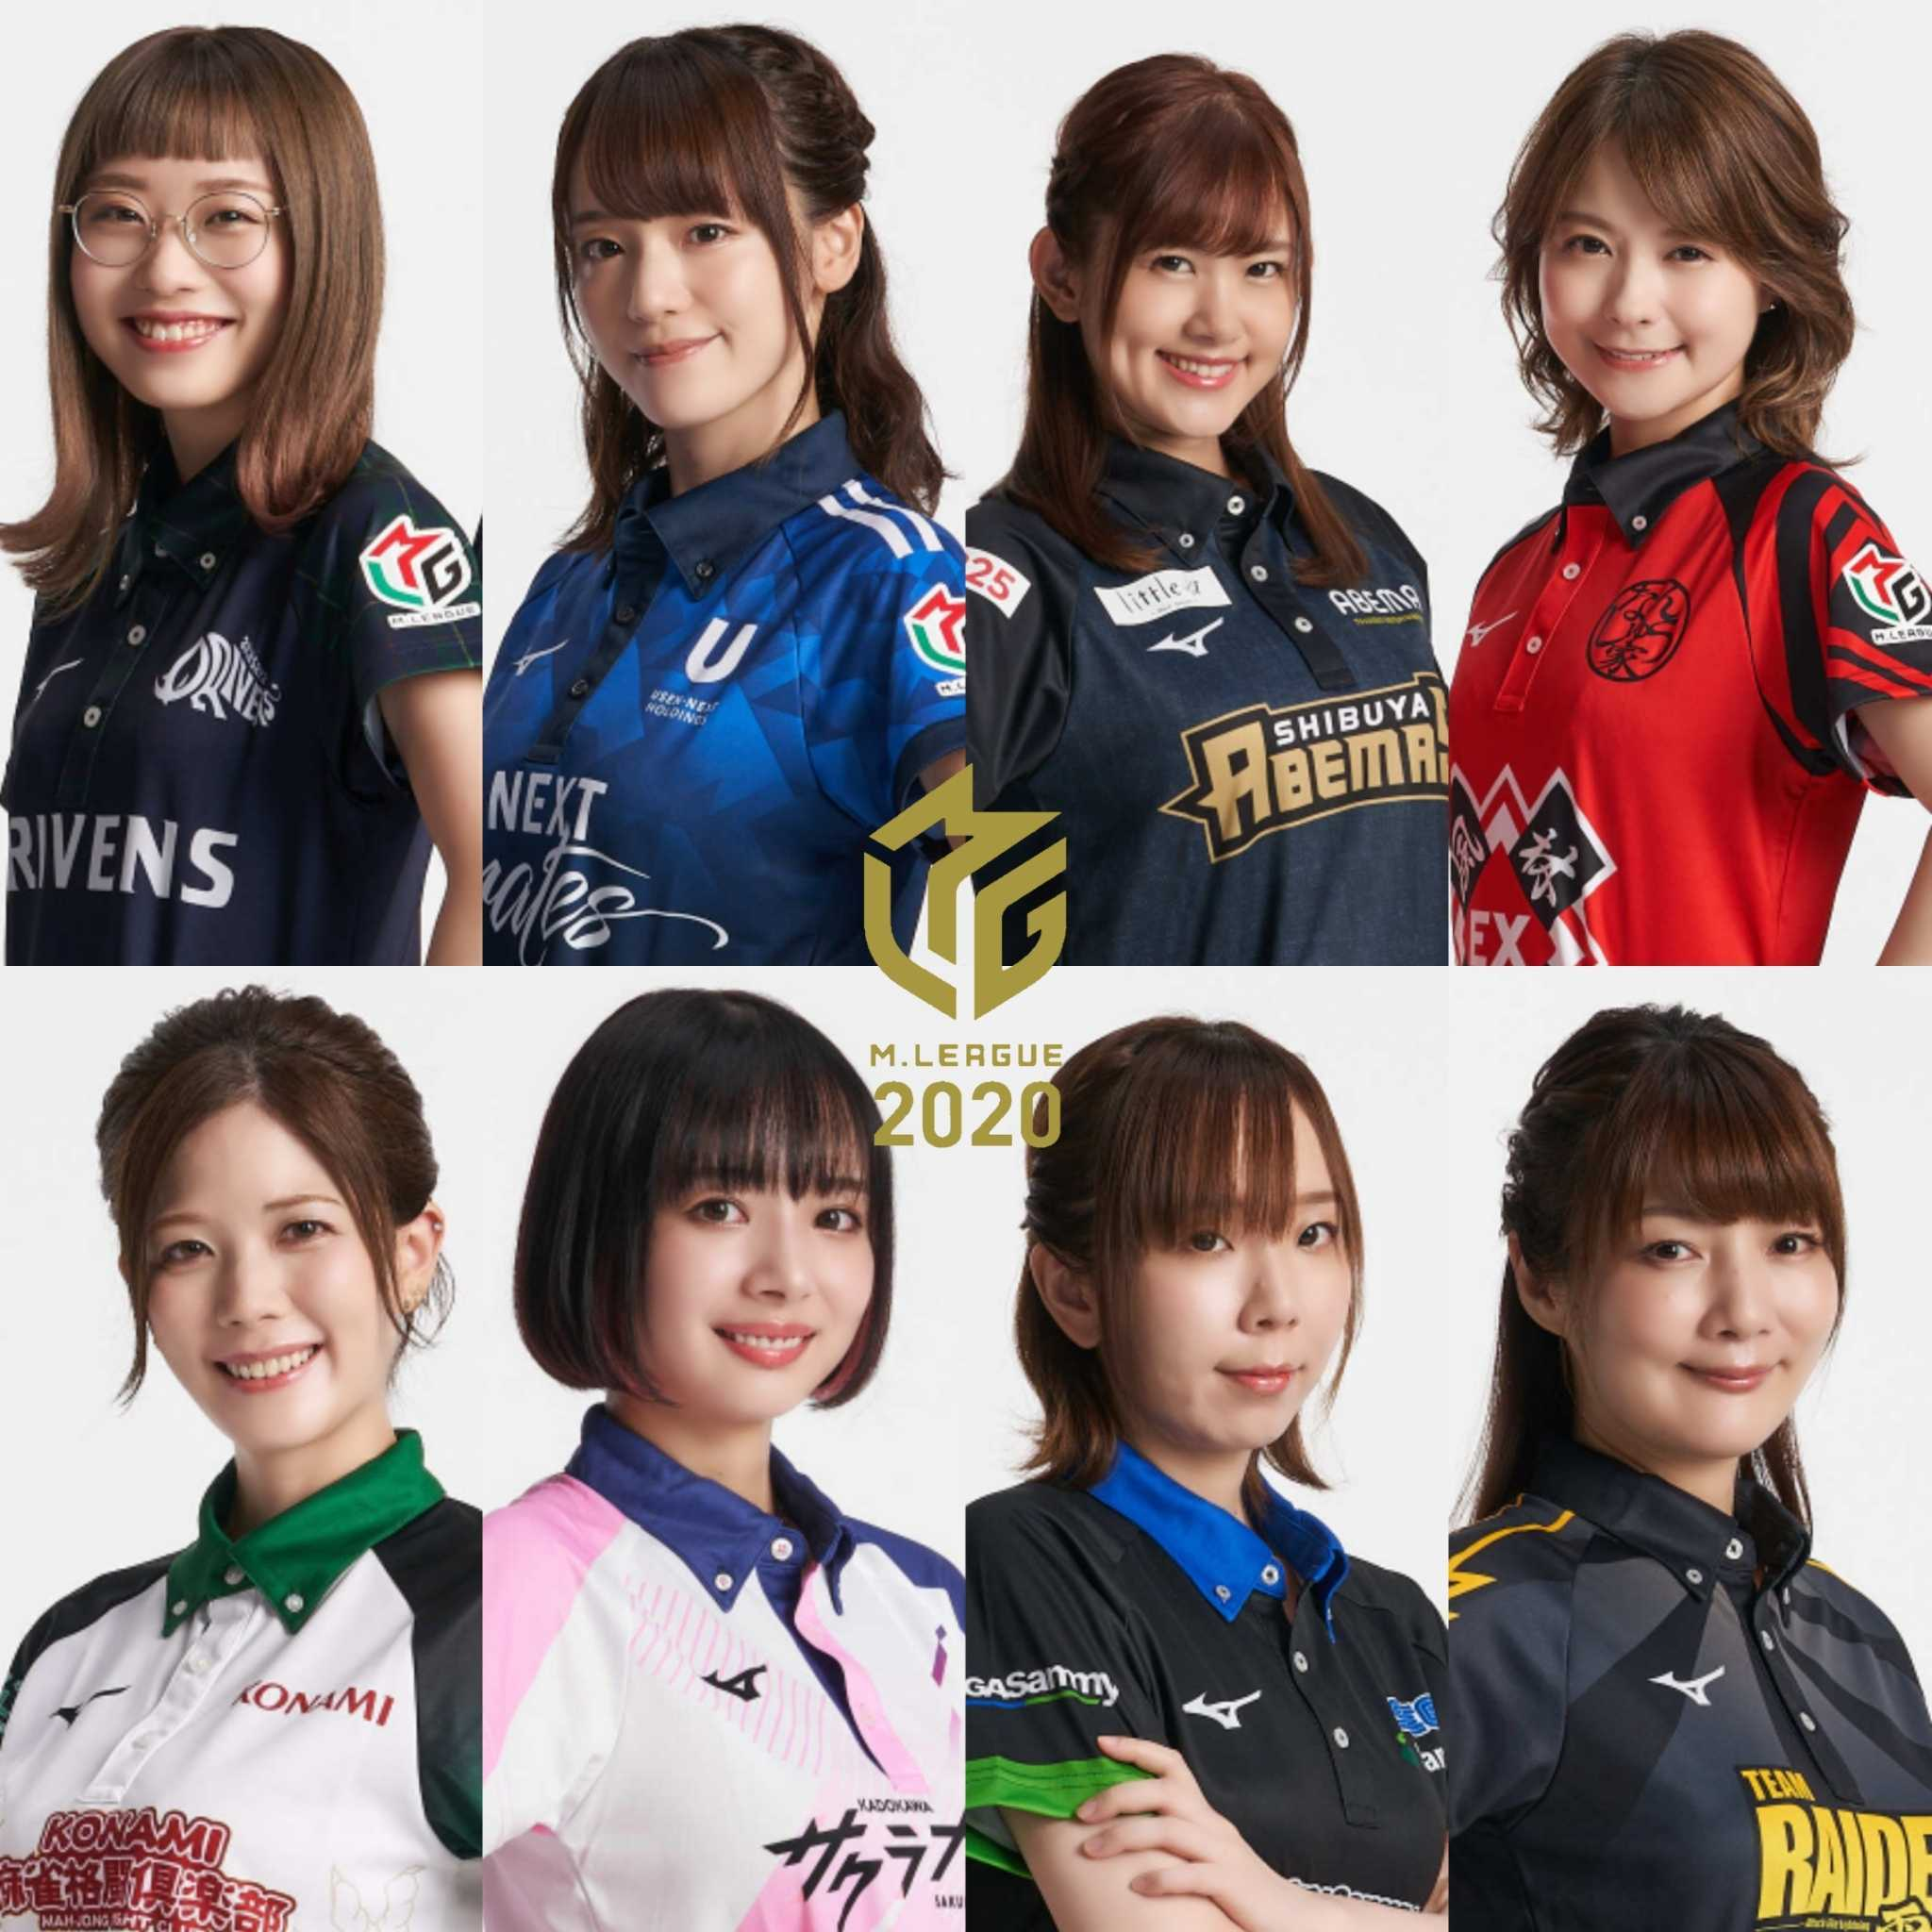 「Mリーグ2020」ユニフォームキャンペーンのお知らせ